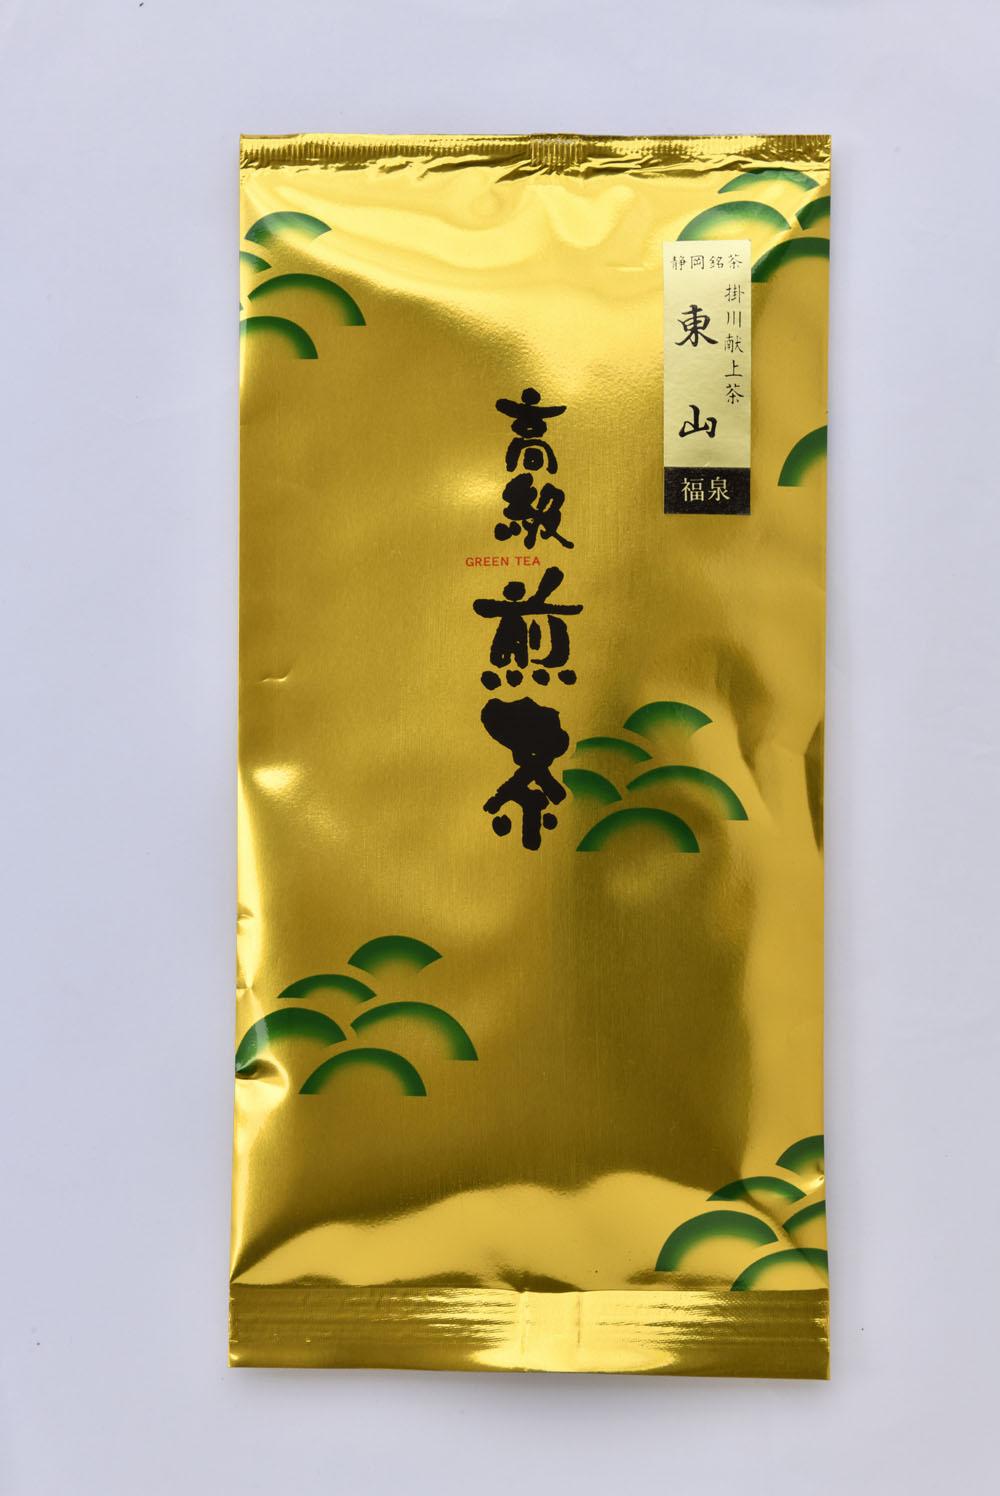 掛川茶(東山)100g 1620円。濃い色とうまみの深蒸し。